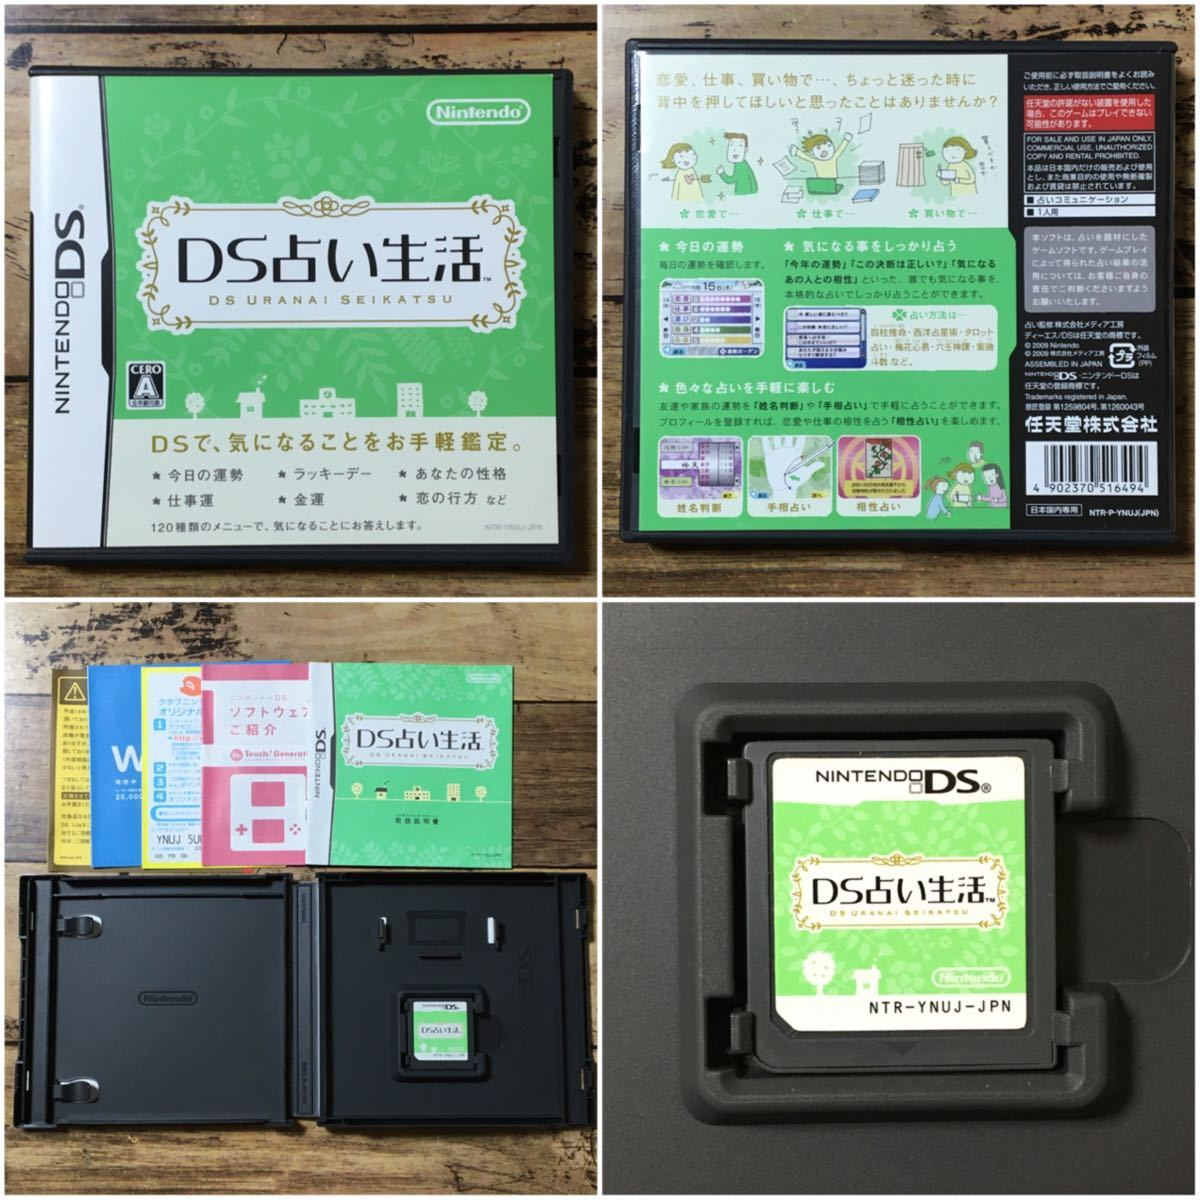 祝土日限定お値下げ☆Nintendo 任天堂 ニンテンドー 3DS 本体 アダプター タッチペン SDカード 占いソフト ケース